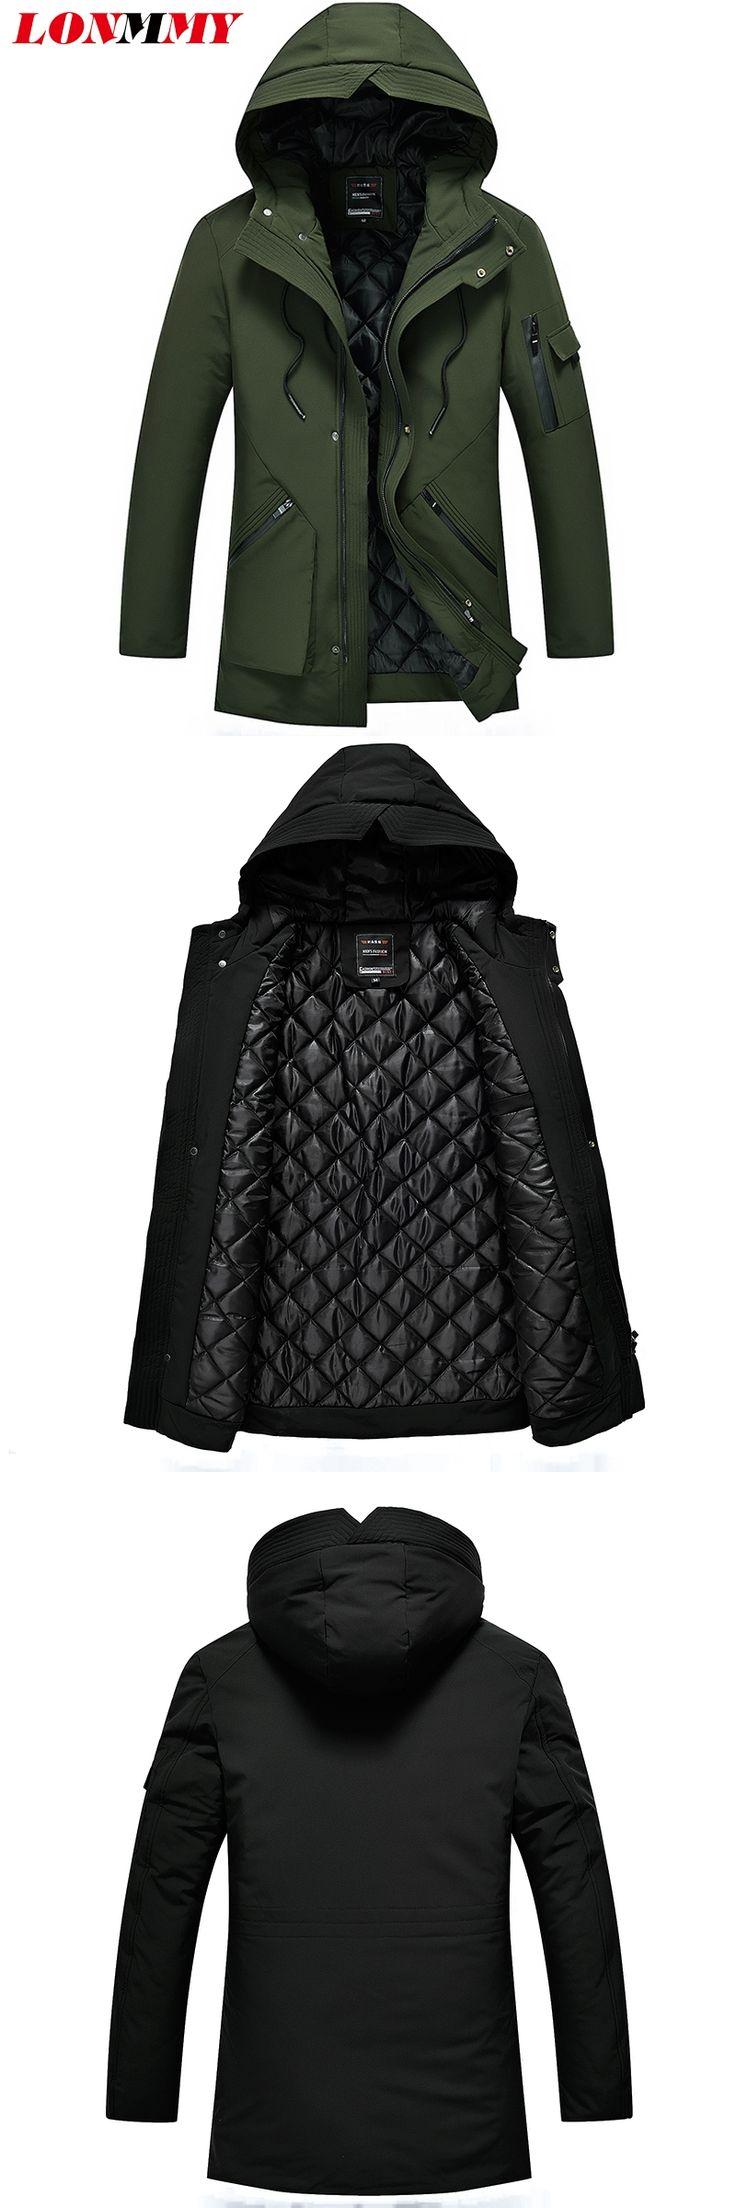 LONMMY 5XL Winter jackets mens parka men thicken Coats male Causal Outerwear Streetwear Gray Black Army green windbreaker 2017